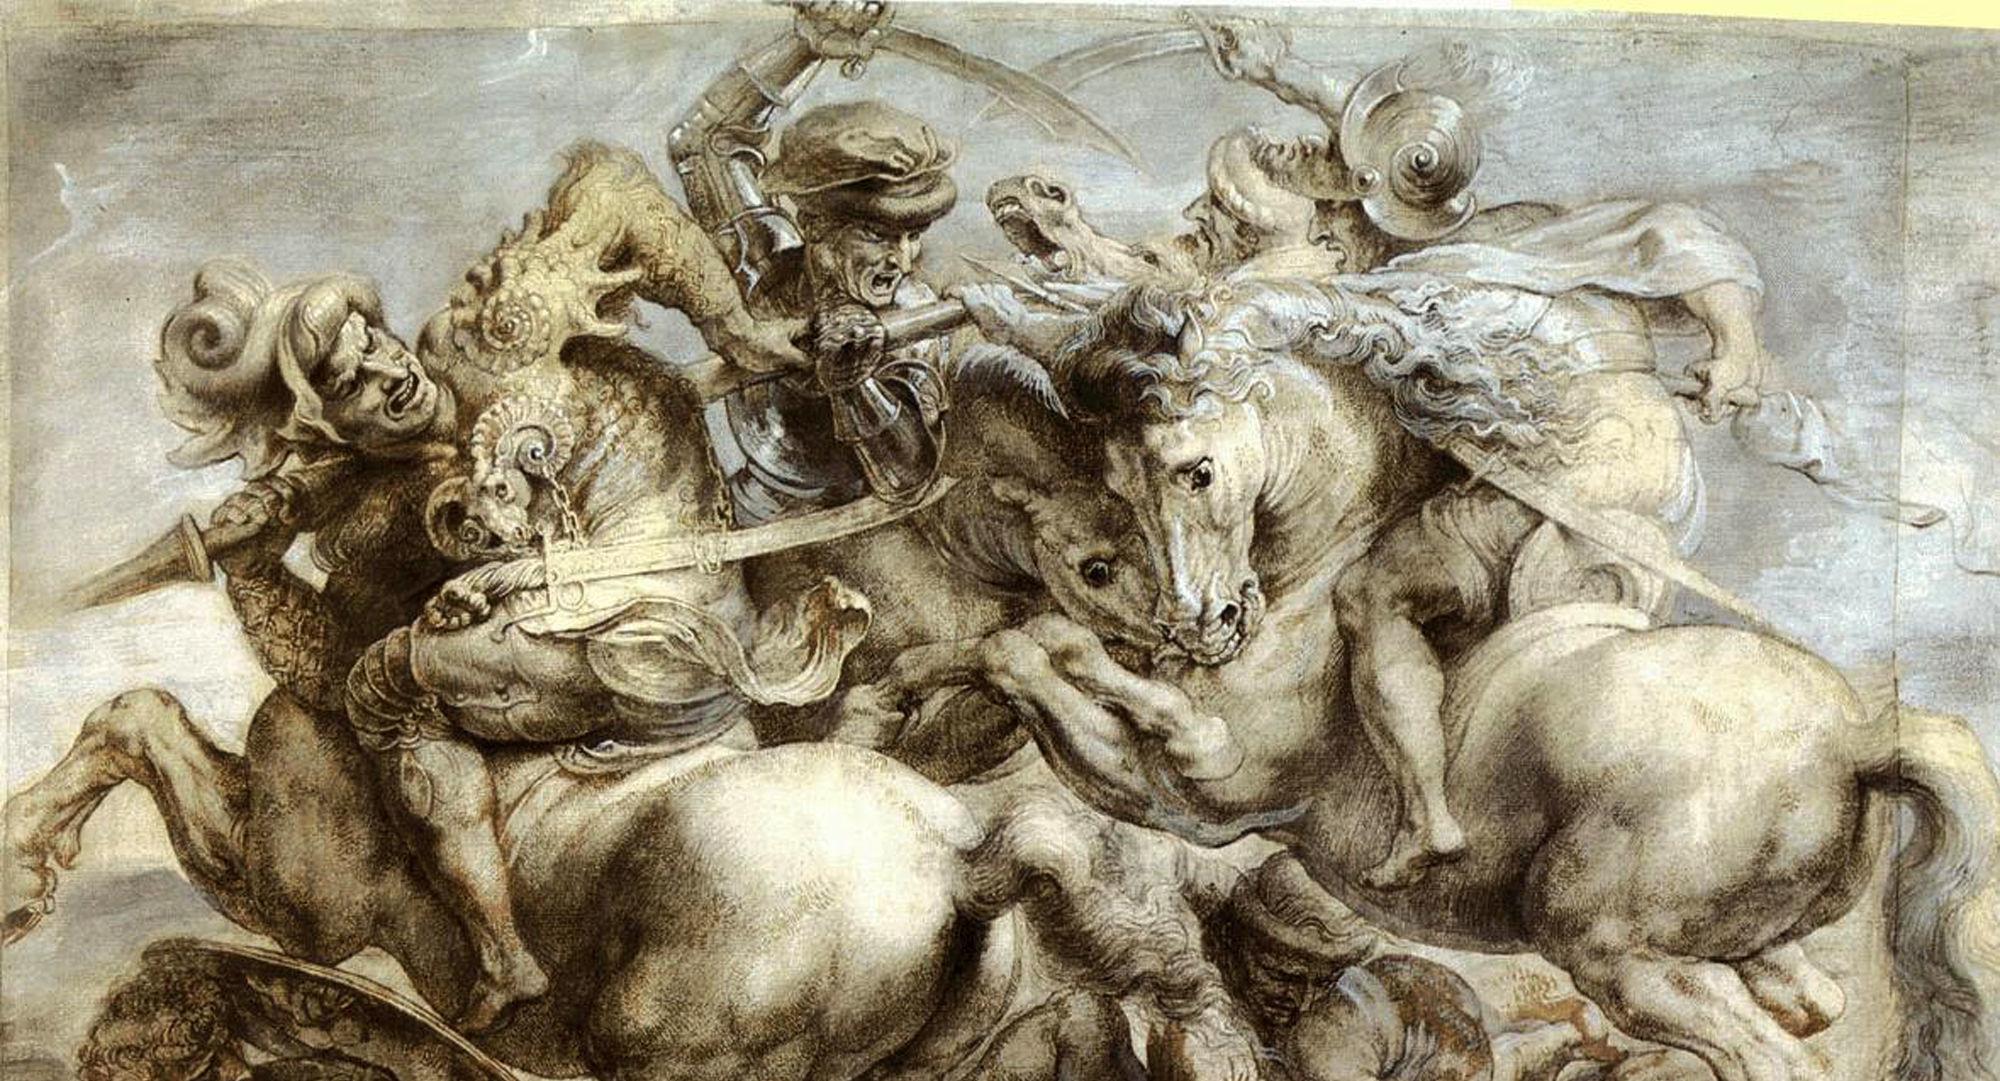 Battaglia di Anghiari - copia di Paul Rubens dal cartone originale (parte centrale)